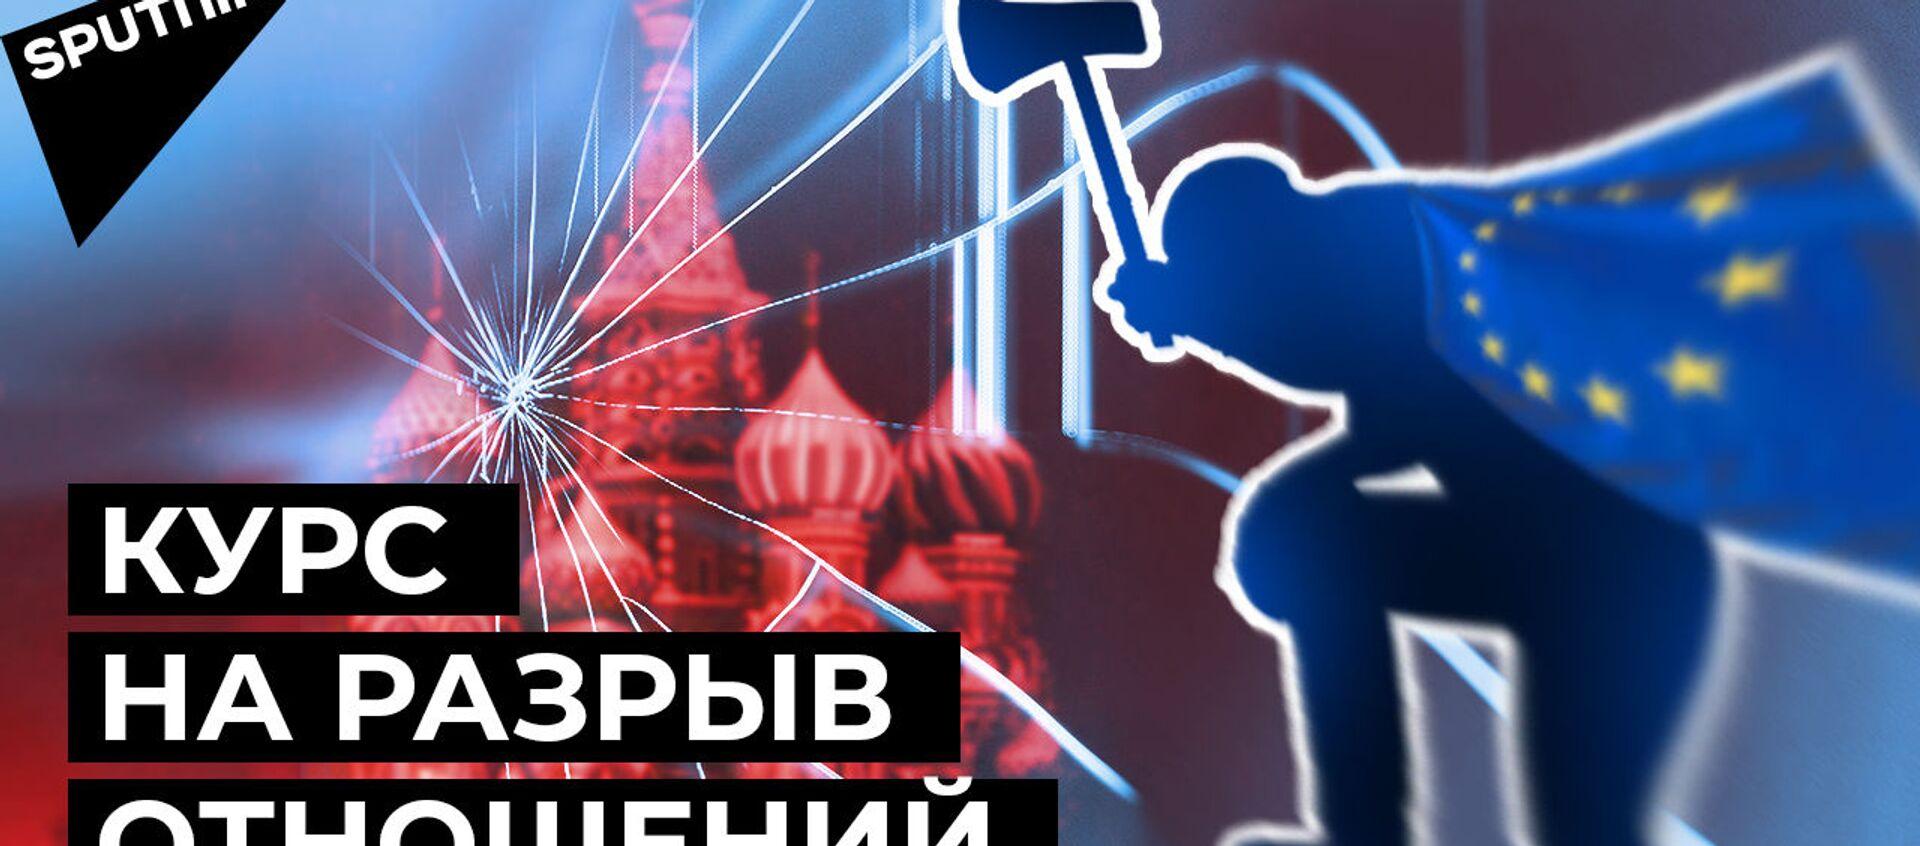 Санкции продолжаются: зачем Евросоюз идет на разрыв отношений с Россией - Sputnik Узбекистан, 1920, 17.02.2021